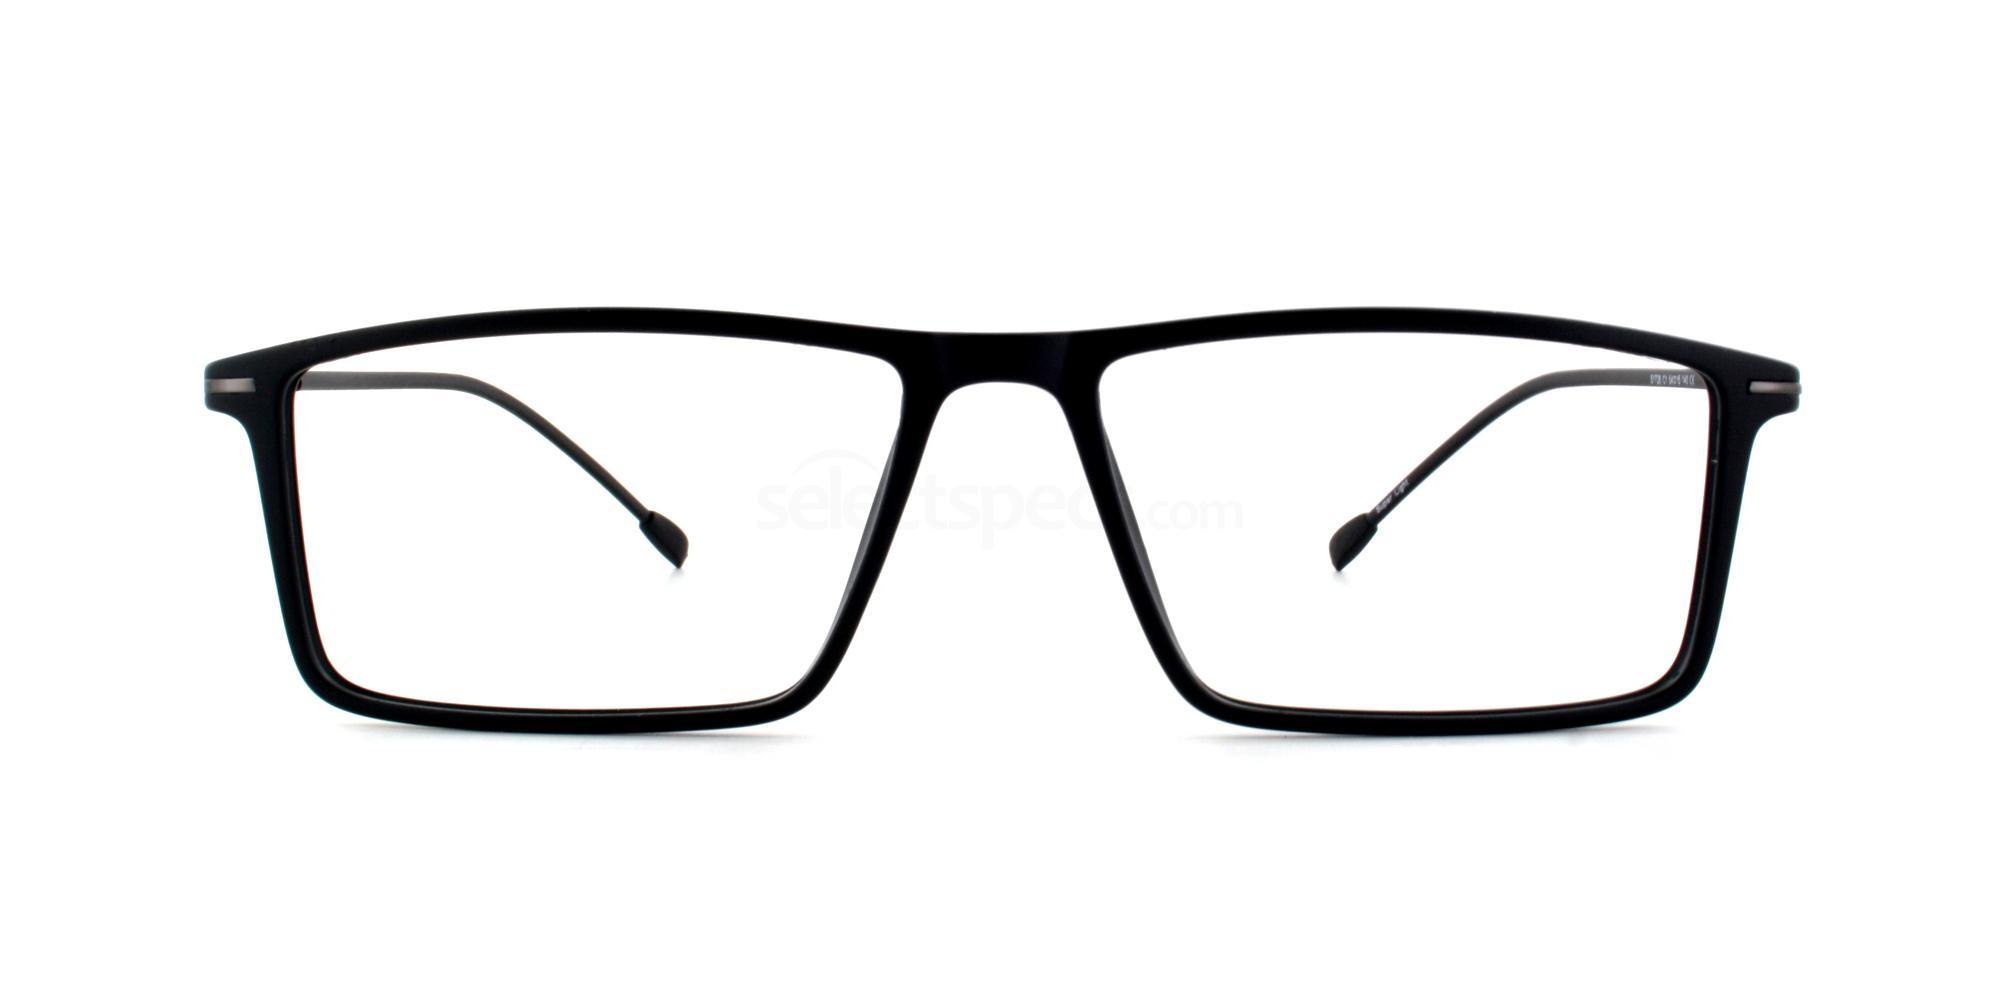 C1 S1728 Glasses, Infinity